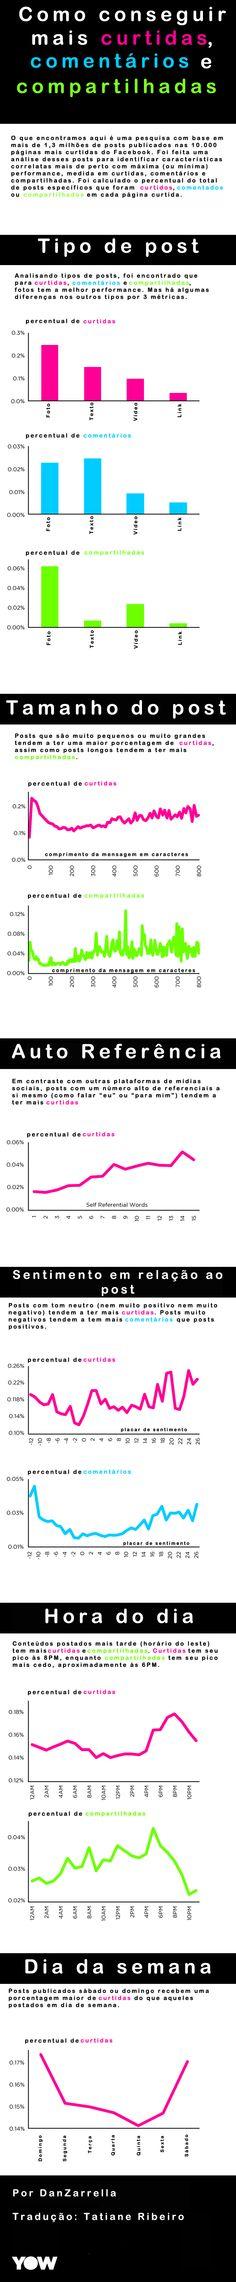 #Infografico com dados do Dan Zarrella sobre Facebook Marketing, traduzido pelo Yow